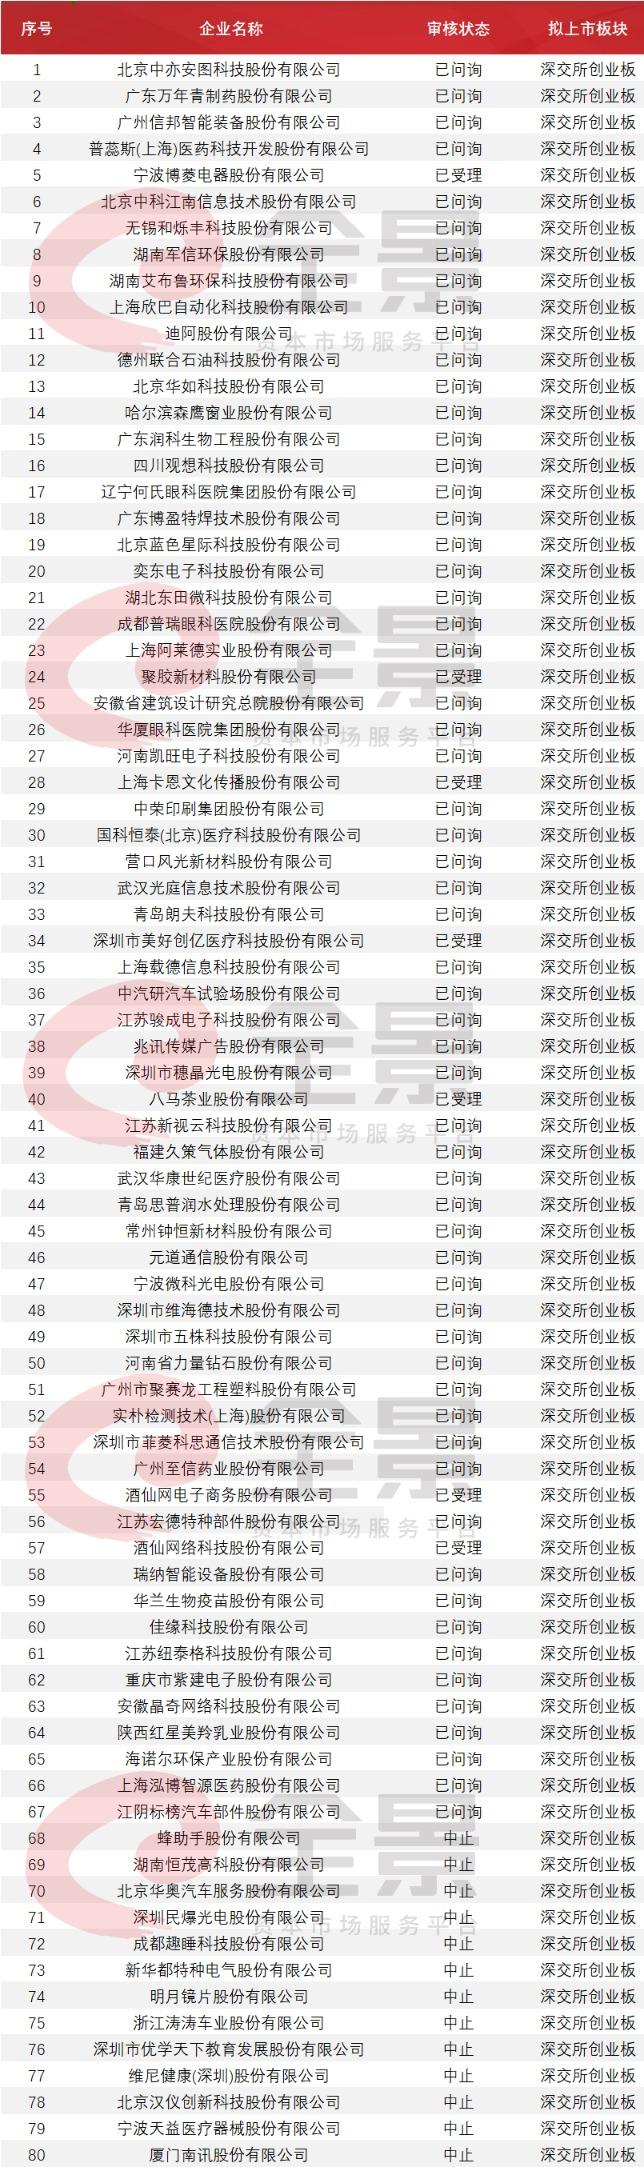 收录网站_961家排队A股IPO!酒仙网拟冲刺创业板(附最新IPO排队名单)插图10